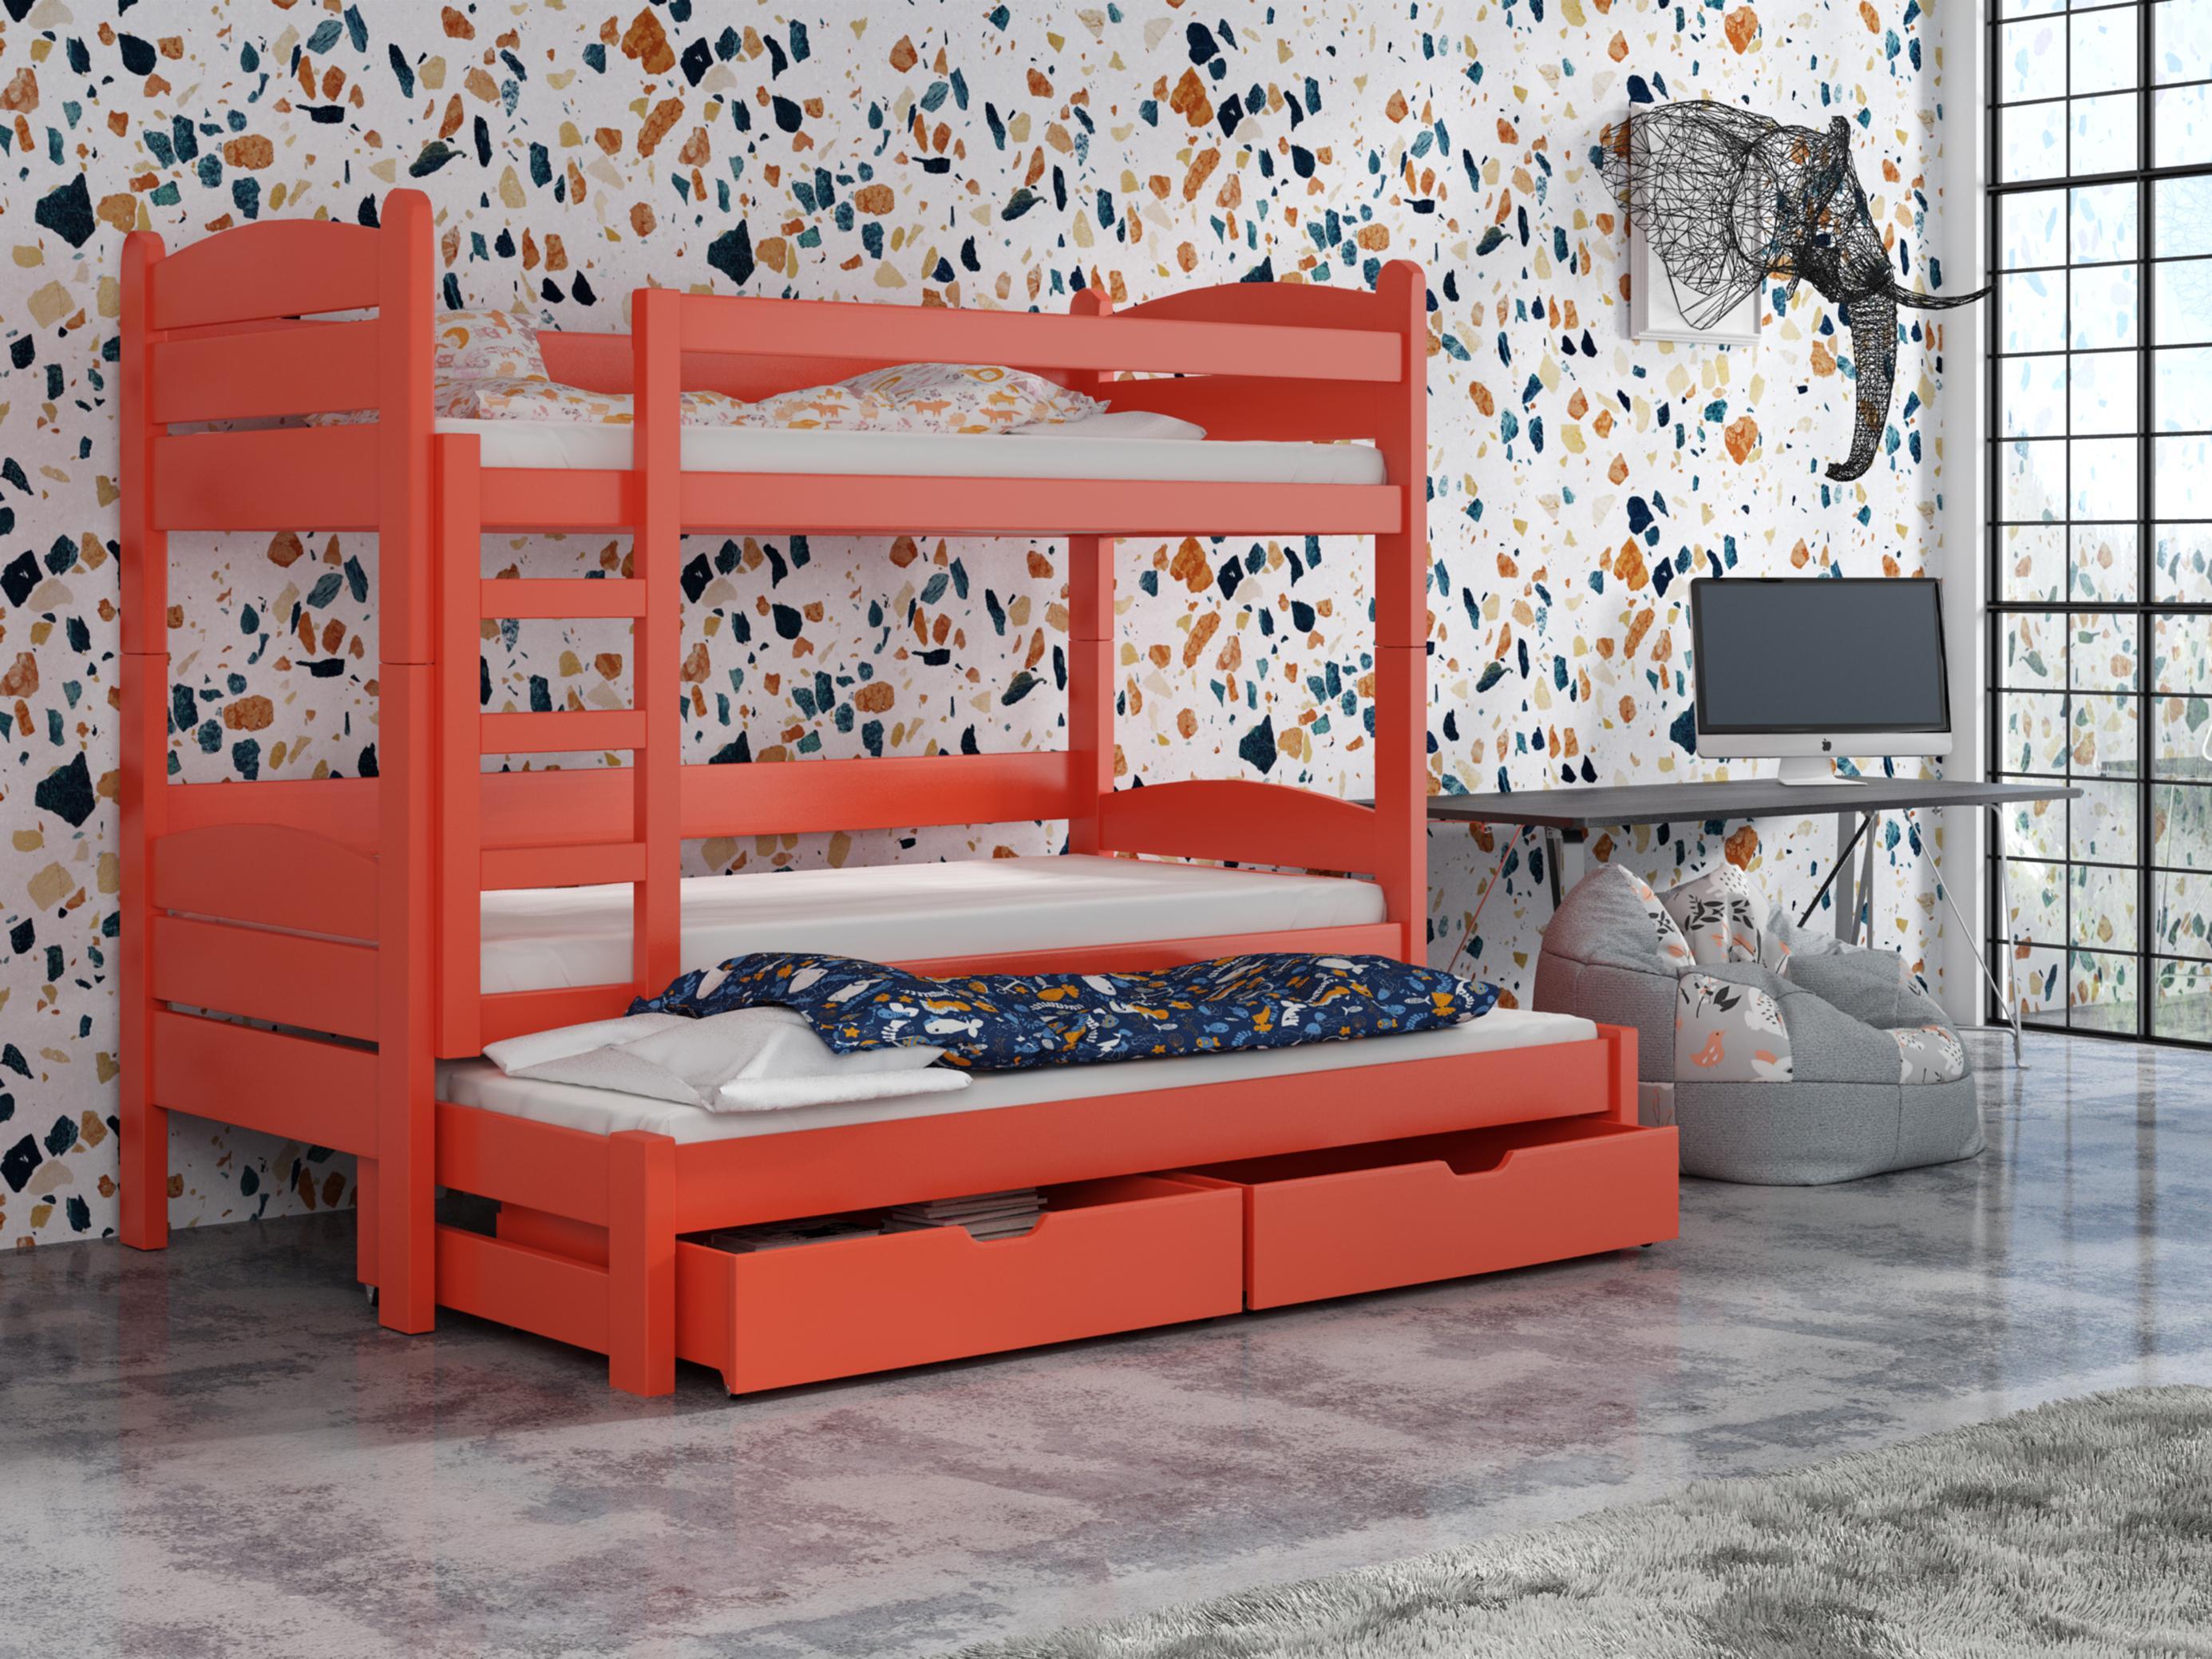 Detská poschodová posteľ 90 cm - Celsa (pomaranč). Akcia -33%. Vlastná spoľahlivá doprava až k Vám domov.